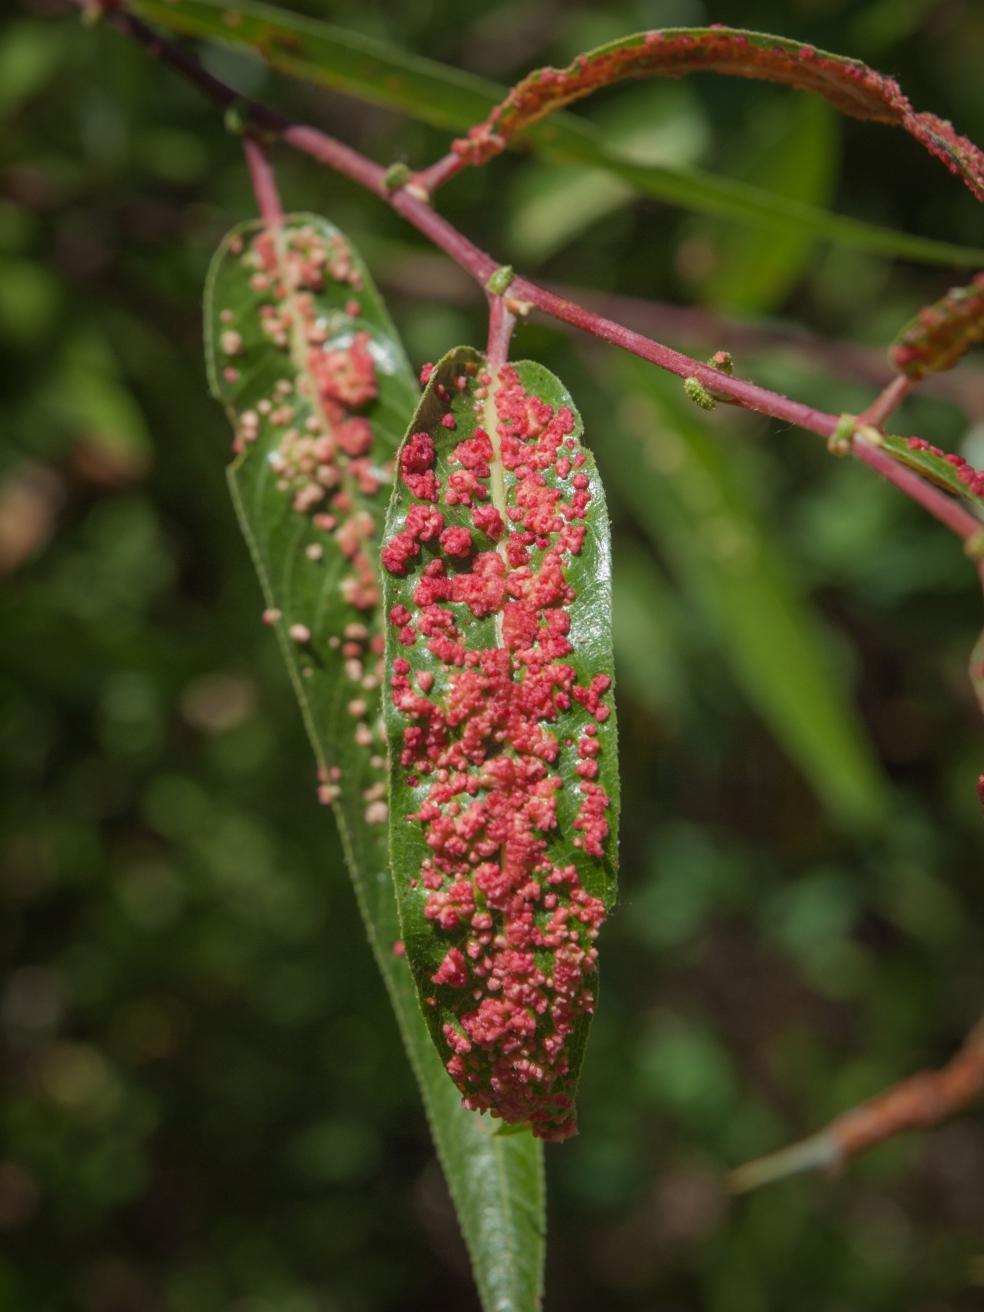 Galle indotte da un acaro detto Willow Gall Mite (Aculops tetanothrix) su una varietà locale di salice, detto arroyo willow (Salix lasiolepis). Sia l'acaro che il salice sono comuni in California.